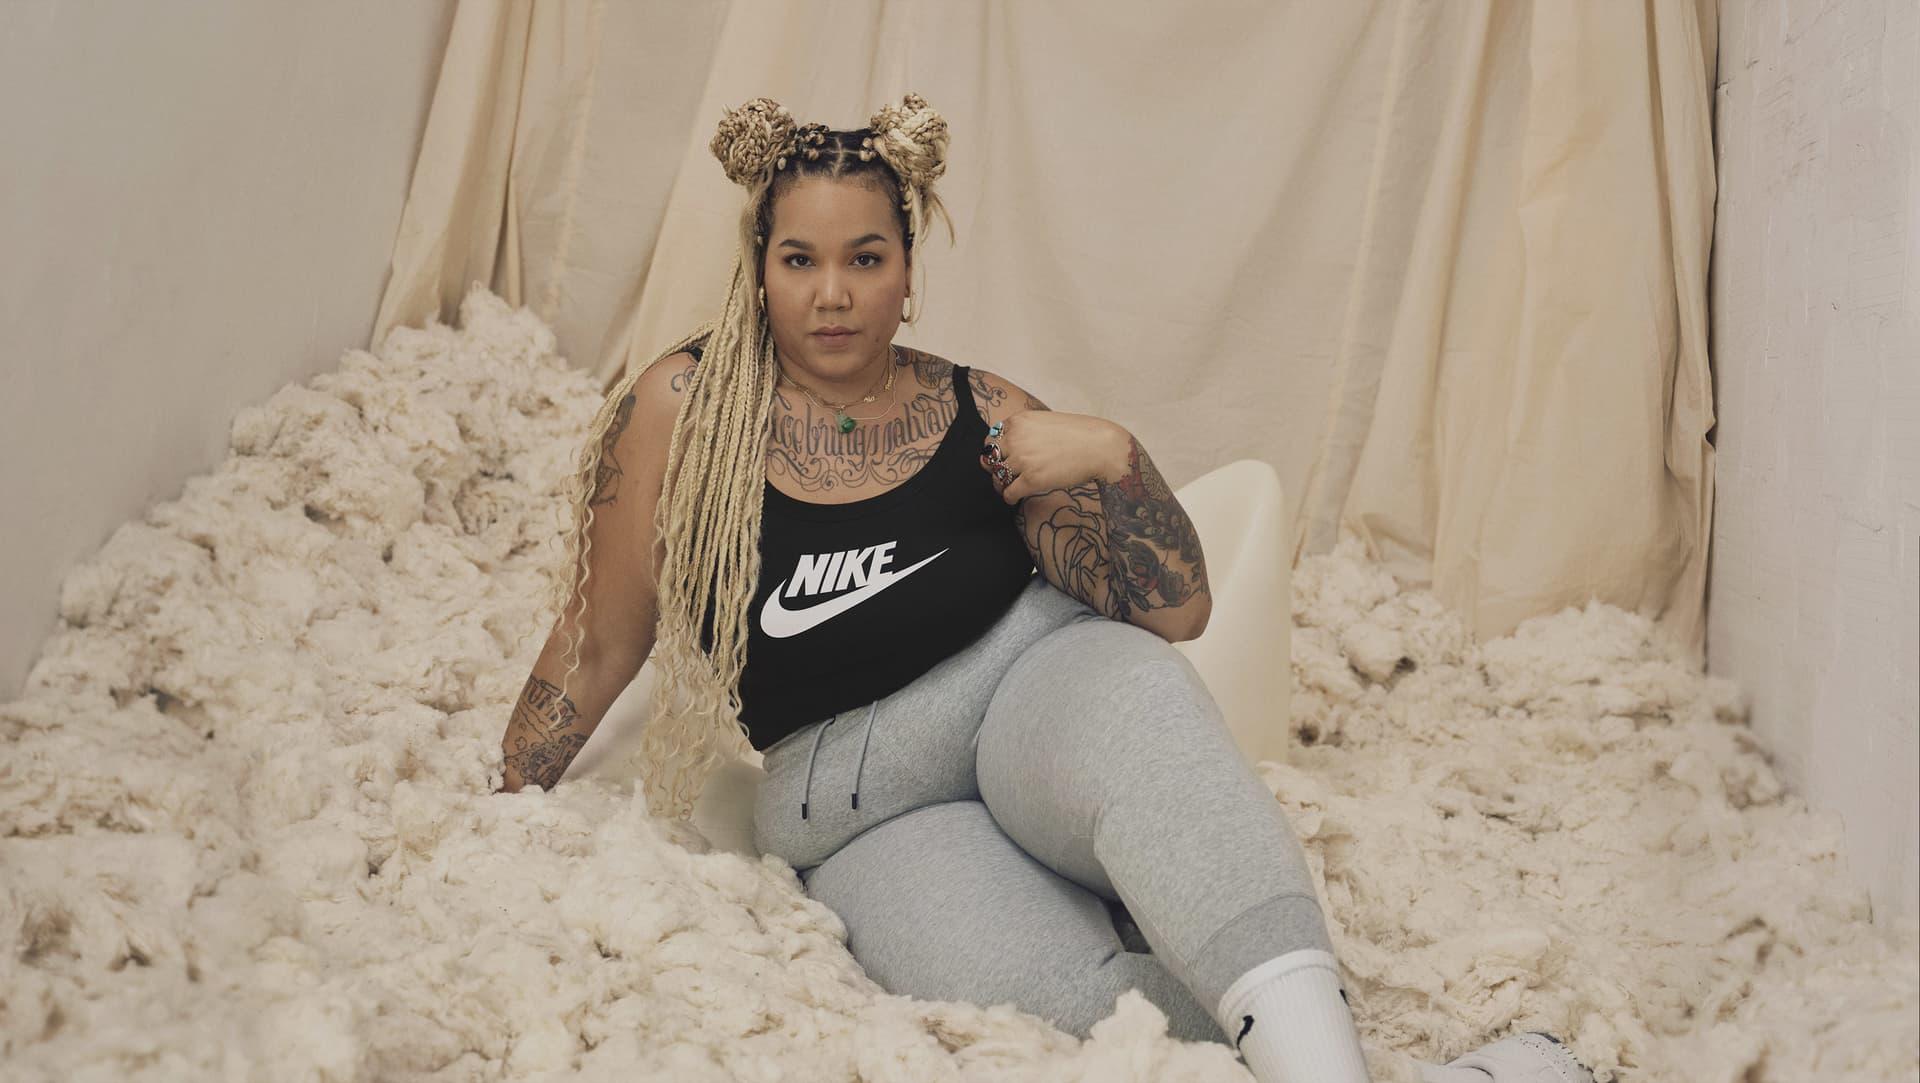 Quels sont les détails de l'entreprise Nike ? | Aide Nike